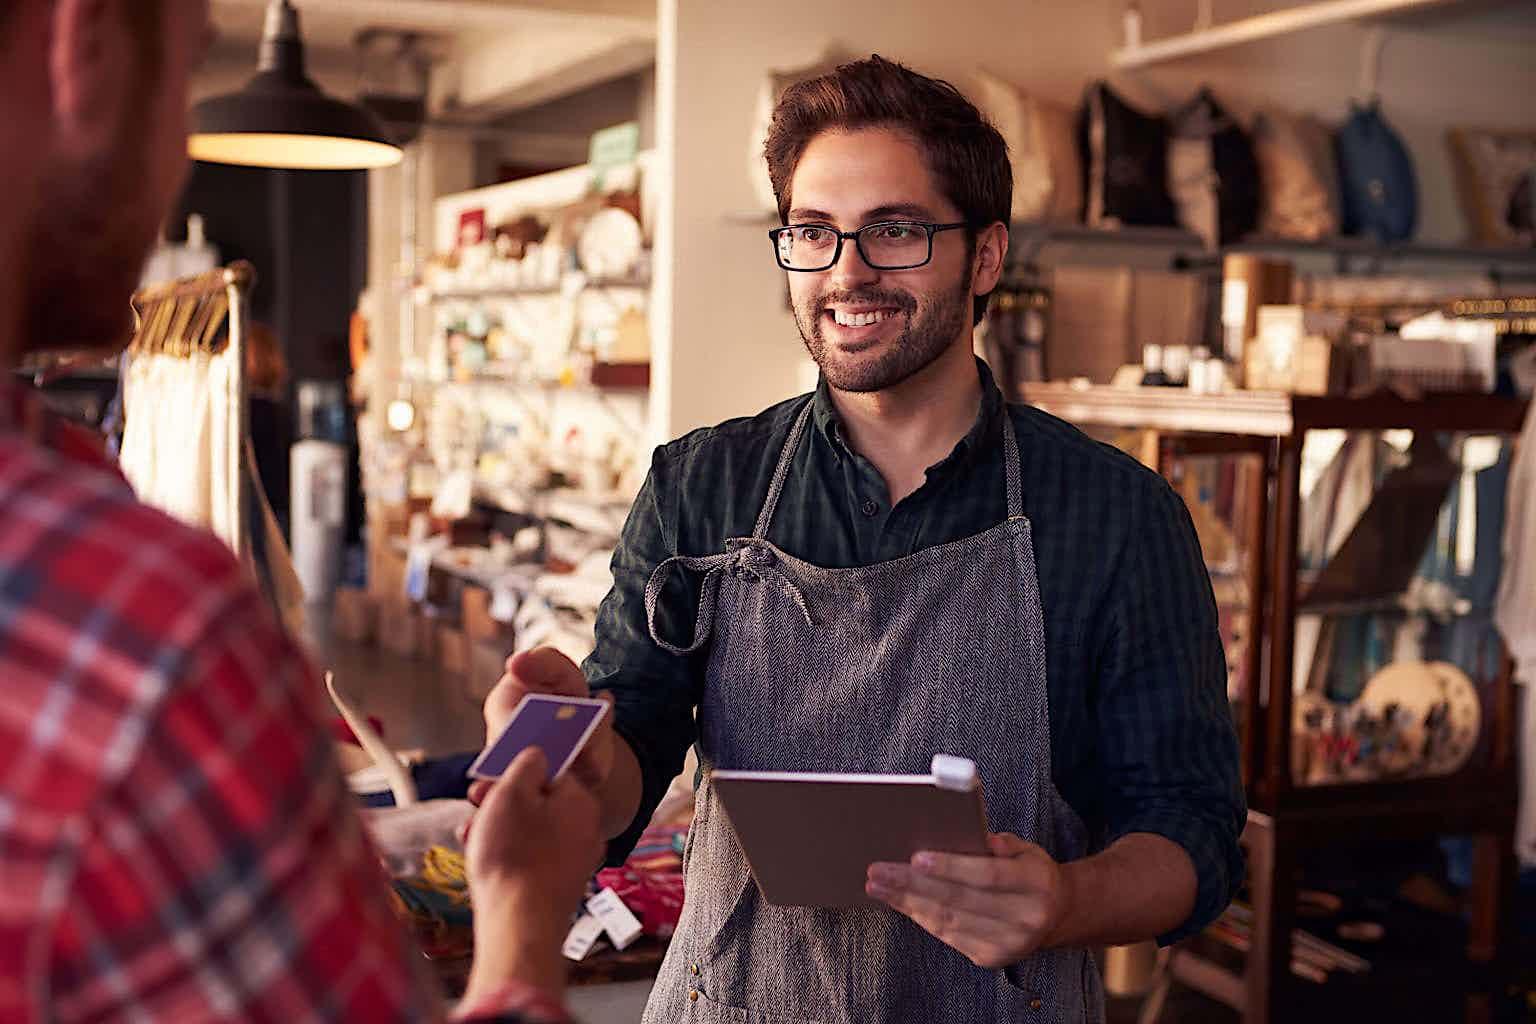 Ein Verkäufer steht hinter seinem Tresen und baut eine Beziehung mit seinem Kunden auf